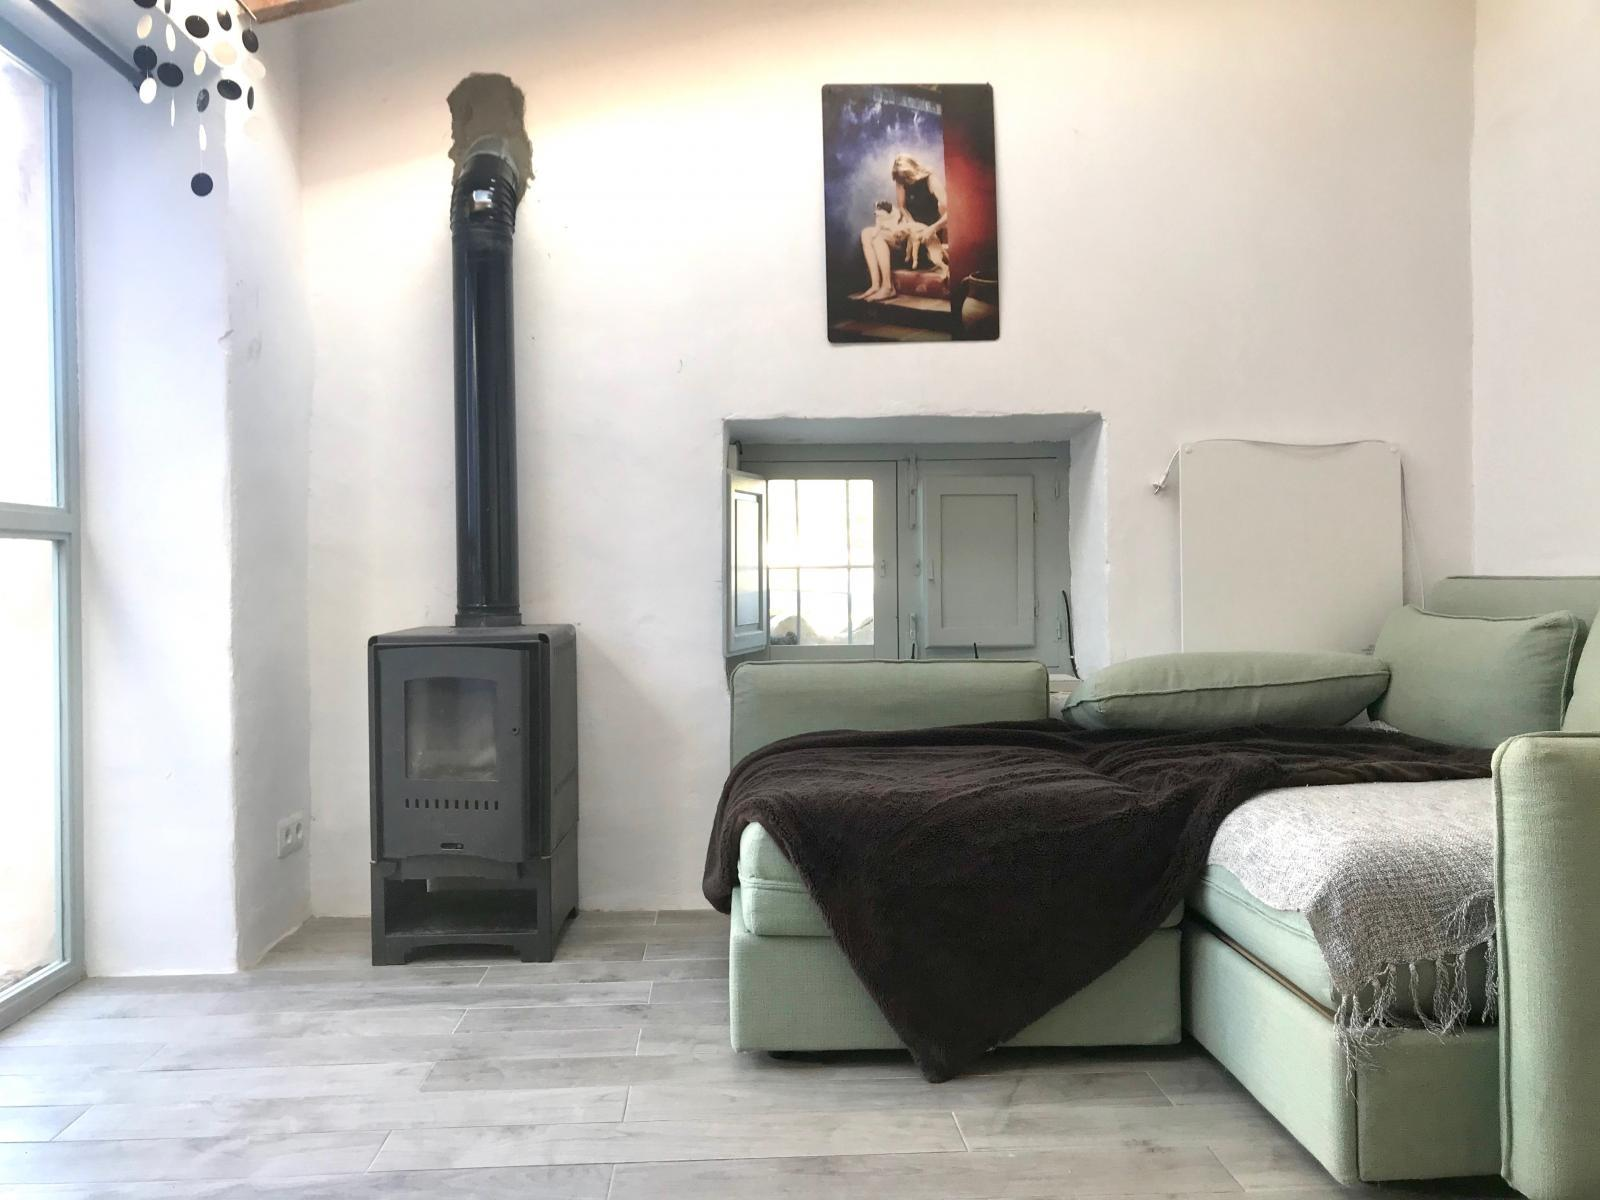 39564418 3303414 foto 493789 - Vida al aire libre en esta encantadora casa de pueblo en Velez-Málaga